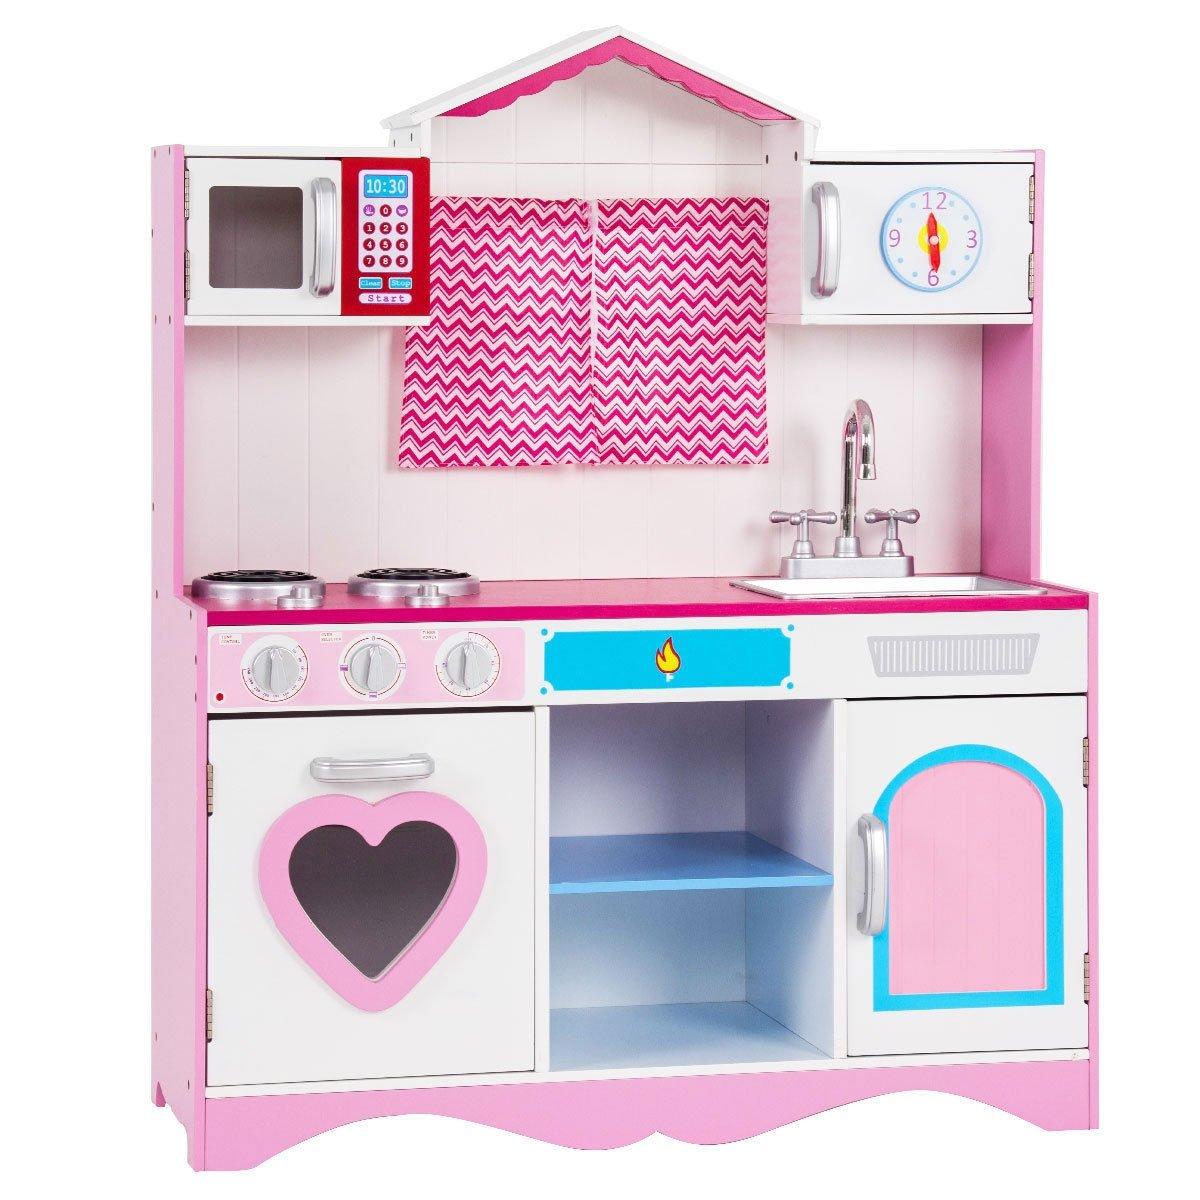 Wood Kitchen Toy Kids Cooking Pretend Play Set | Toy kitchen ...